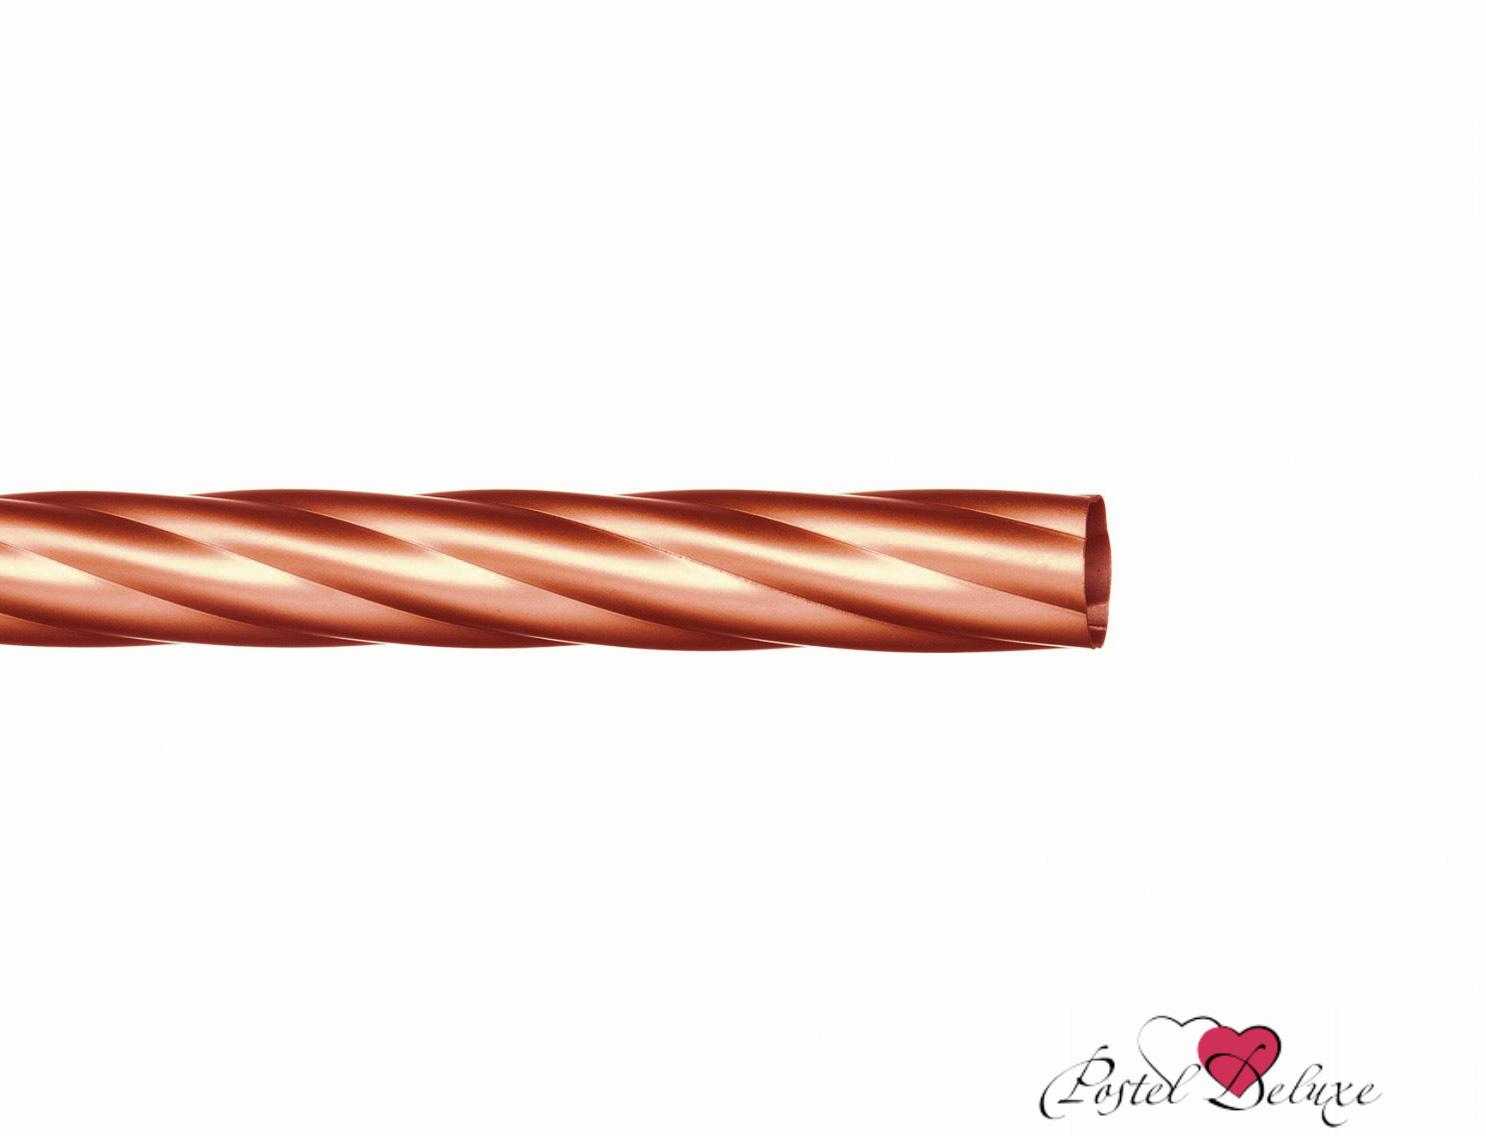 Карнизы ARCODOROРазмер (длина): 140 см<br>Диаметр трубы: 16 мм<br>Материал карниза: Металл<br>Тип карниза: Однорядный карниз<br>Форма карниза: Прямой карниз<br>Вид изделия: Витой карниз<br>Крепление: Настенный карниз,Потолочный карниз<br><br>Штанга имеет гальваническое покрытие, что позволяет ей сохранить цвет и привлекательный внешний вид на долгие годы.<br><br>Комплектация:<br>- штанга витая.<br><br>Кронштейны, Наконечники/заглушки, крепления для штор в комплекте не идут.<br><br>Производитель: ARCODORO<br>Cтрана производства: Россия<br><br>Тип: Карнизы<br>Размерность комплекта: Карнизы<br>Материал: Металл<br>Размер наволочки: None<br>Подарочная упаковка: Карнизы<br>Для детей: Карнизы<br>Ткань: Металл<br>Цвет: None